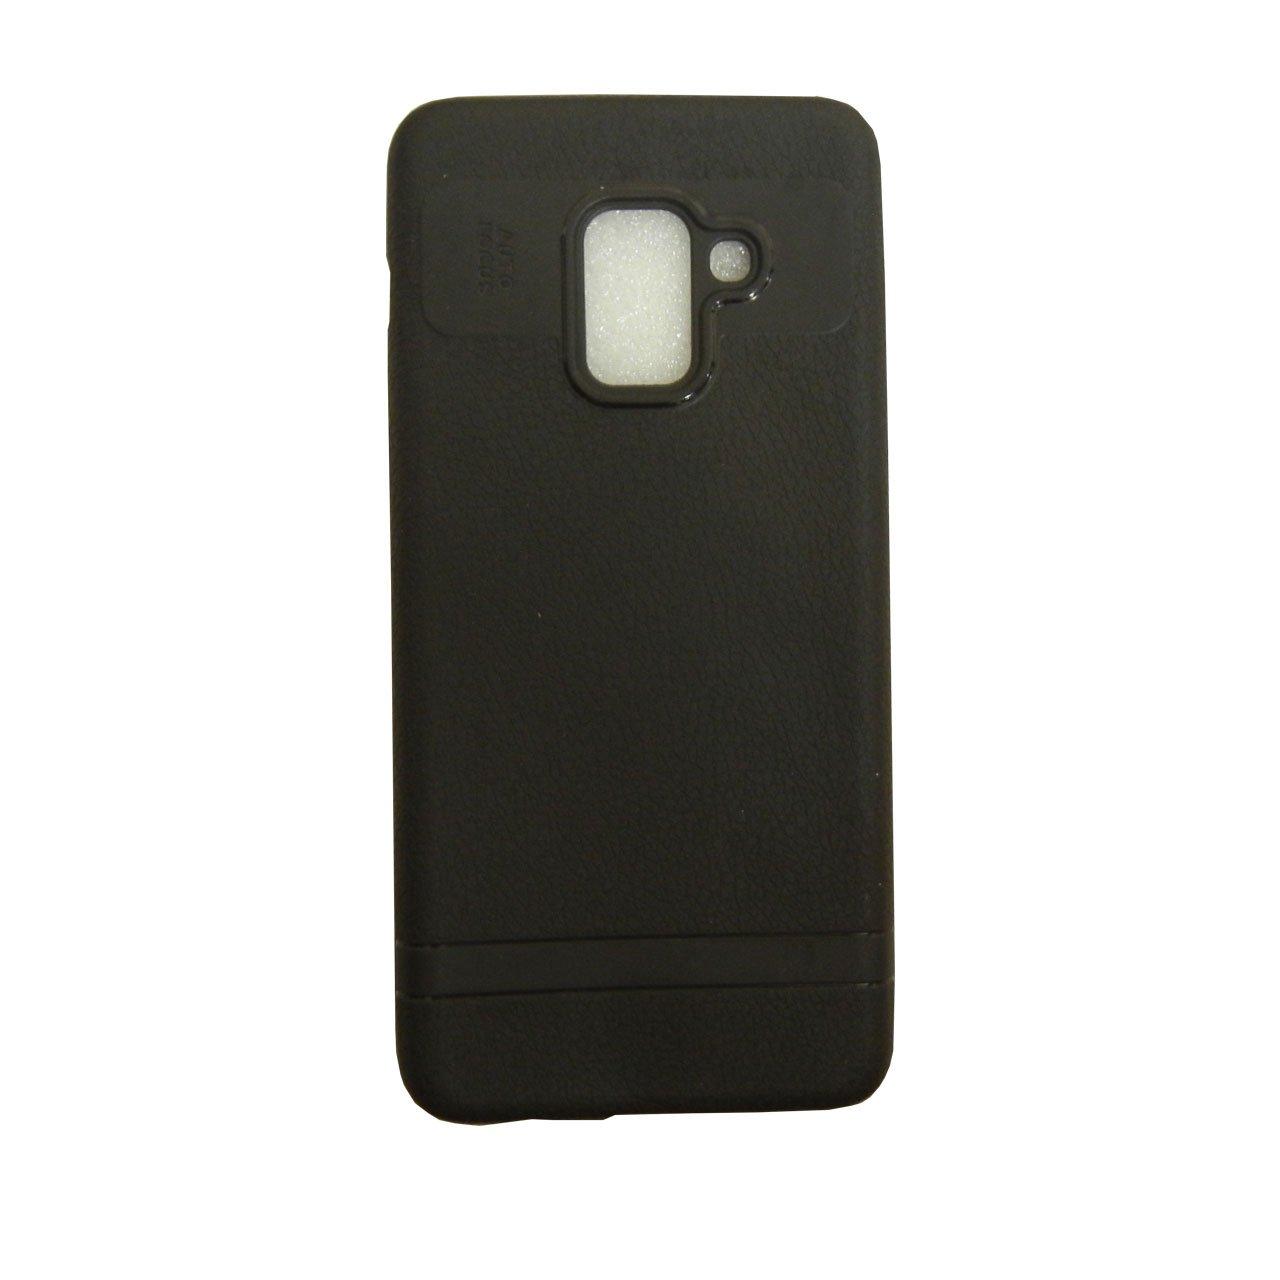 کاور موبایل مناسب برای سامسونگ A8 2018